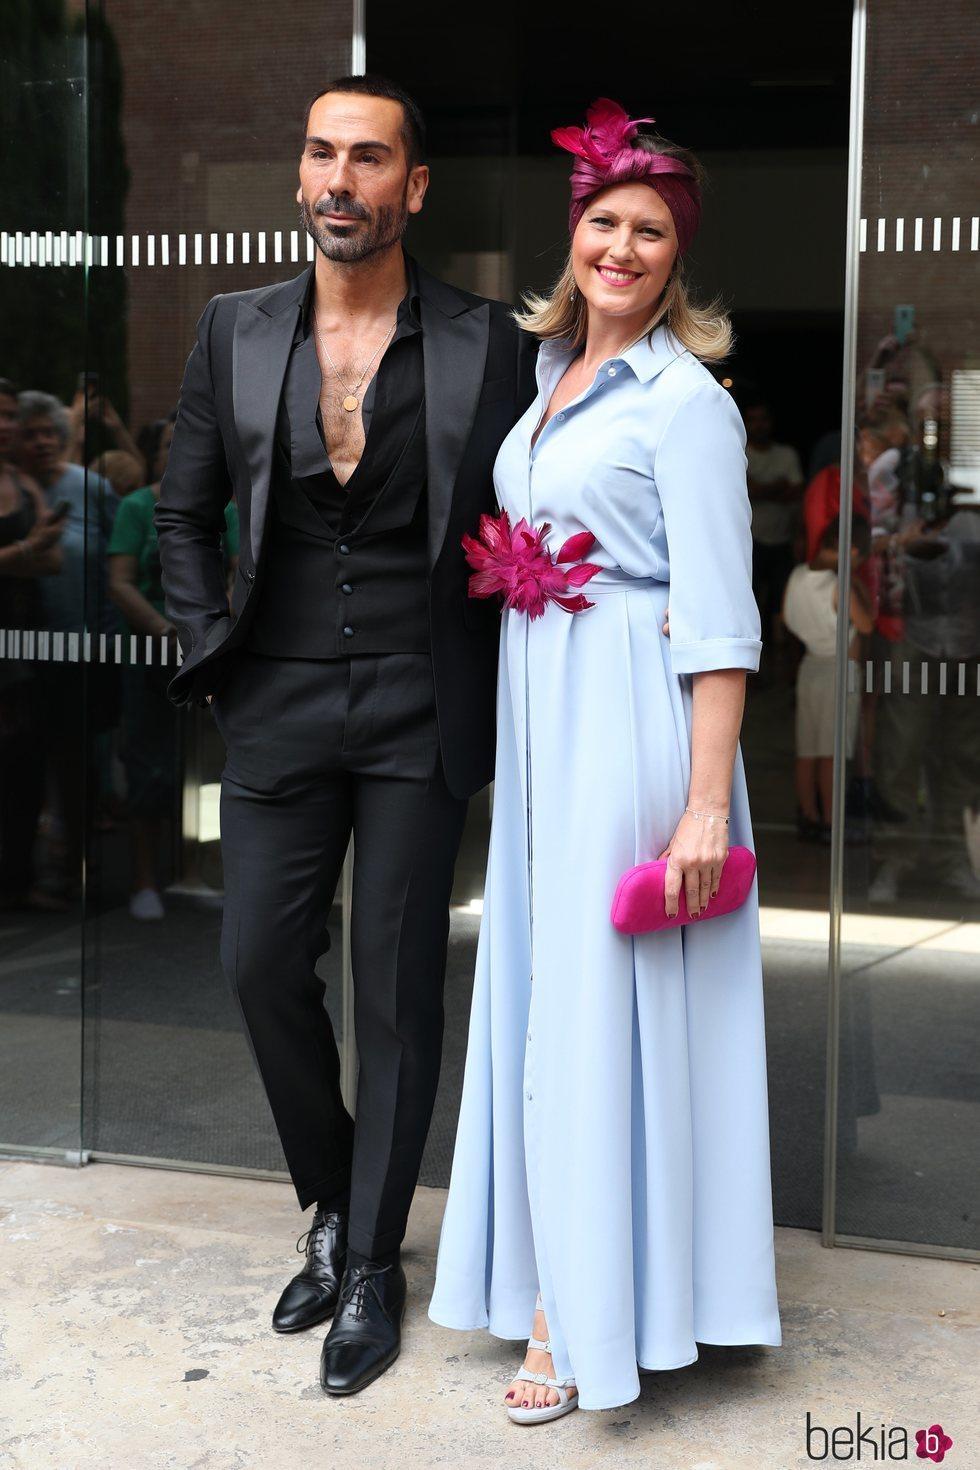 Manuel Zamorano y Cristina Soria en la boda de Belén Esteban y Miguel Marcos